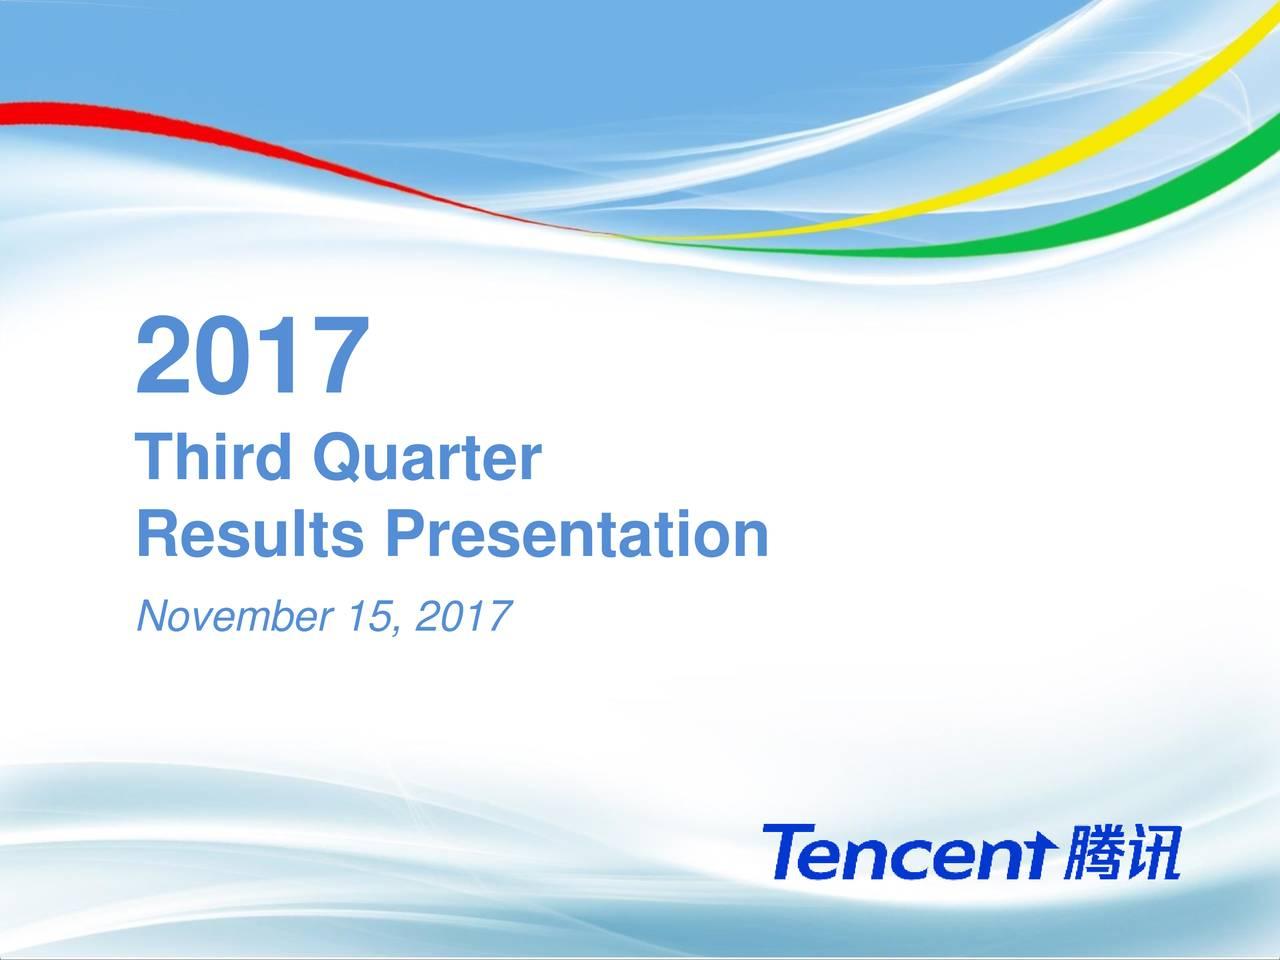 Third Quarter Results Presentation November 15, 2017